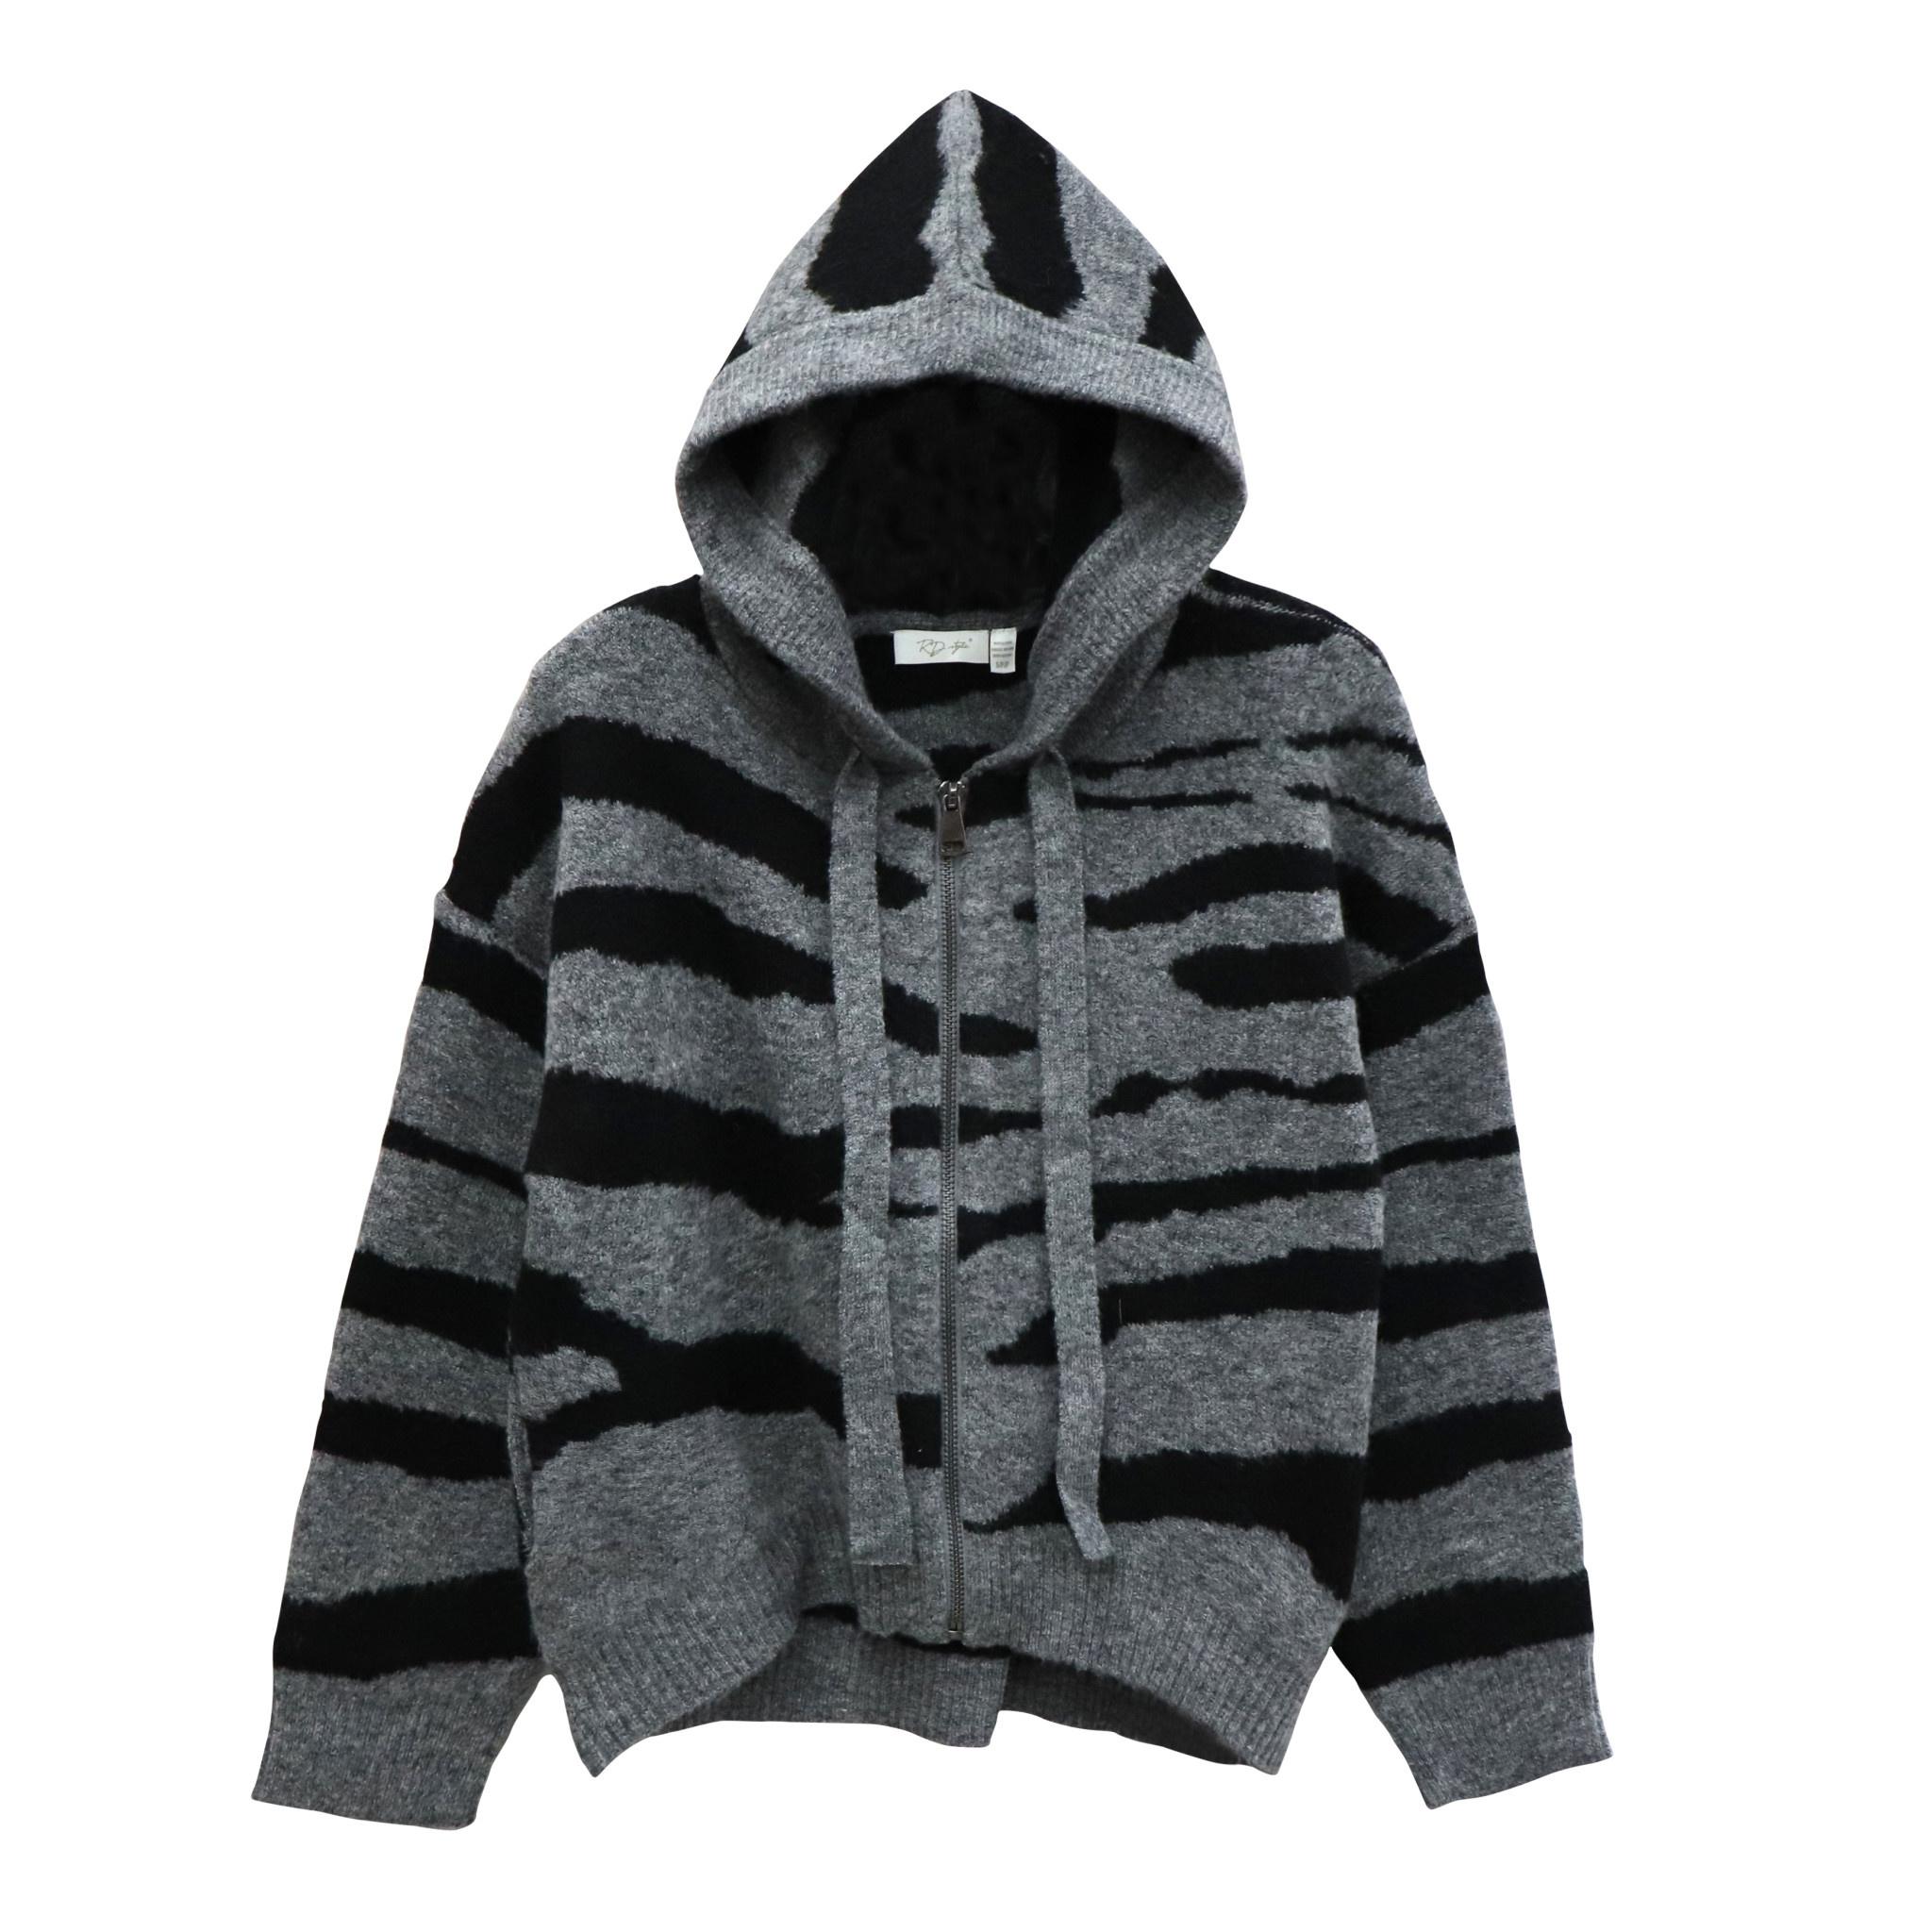 Zebra Knit Zip Up Hoodie